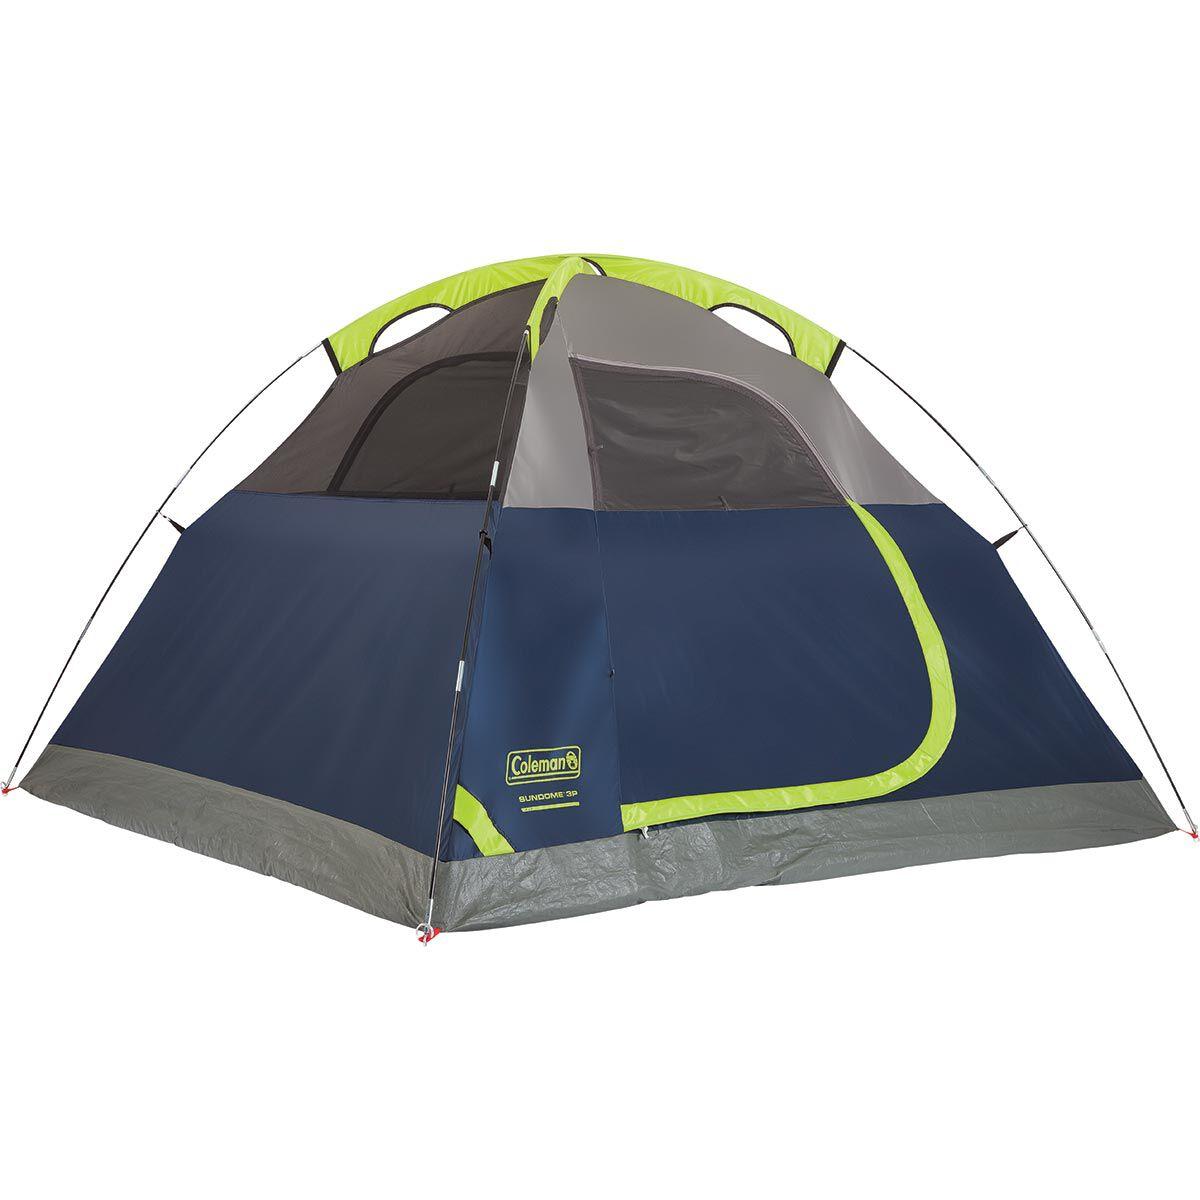 ... Coleman Sundome Dome Tent 4 Person  bcf_hi-res  sc 1 st  BCF Australia & Dome Tents - Buy Online - BCF Australia